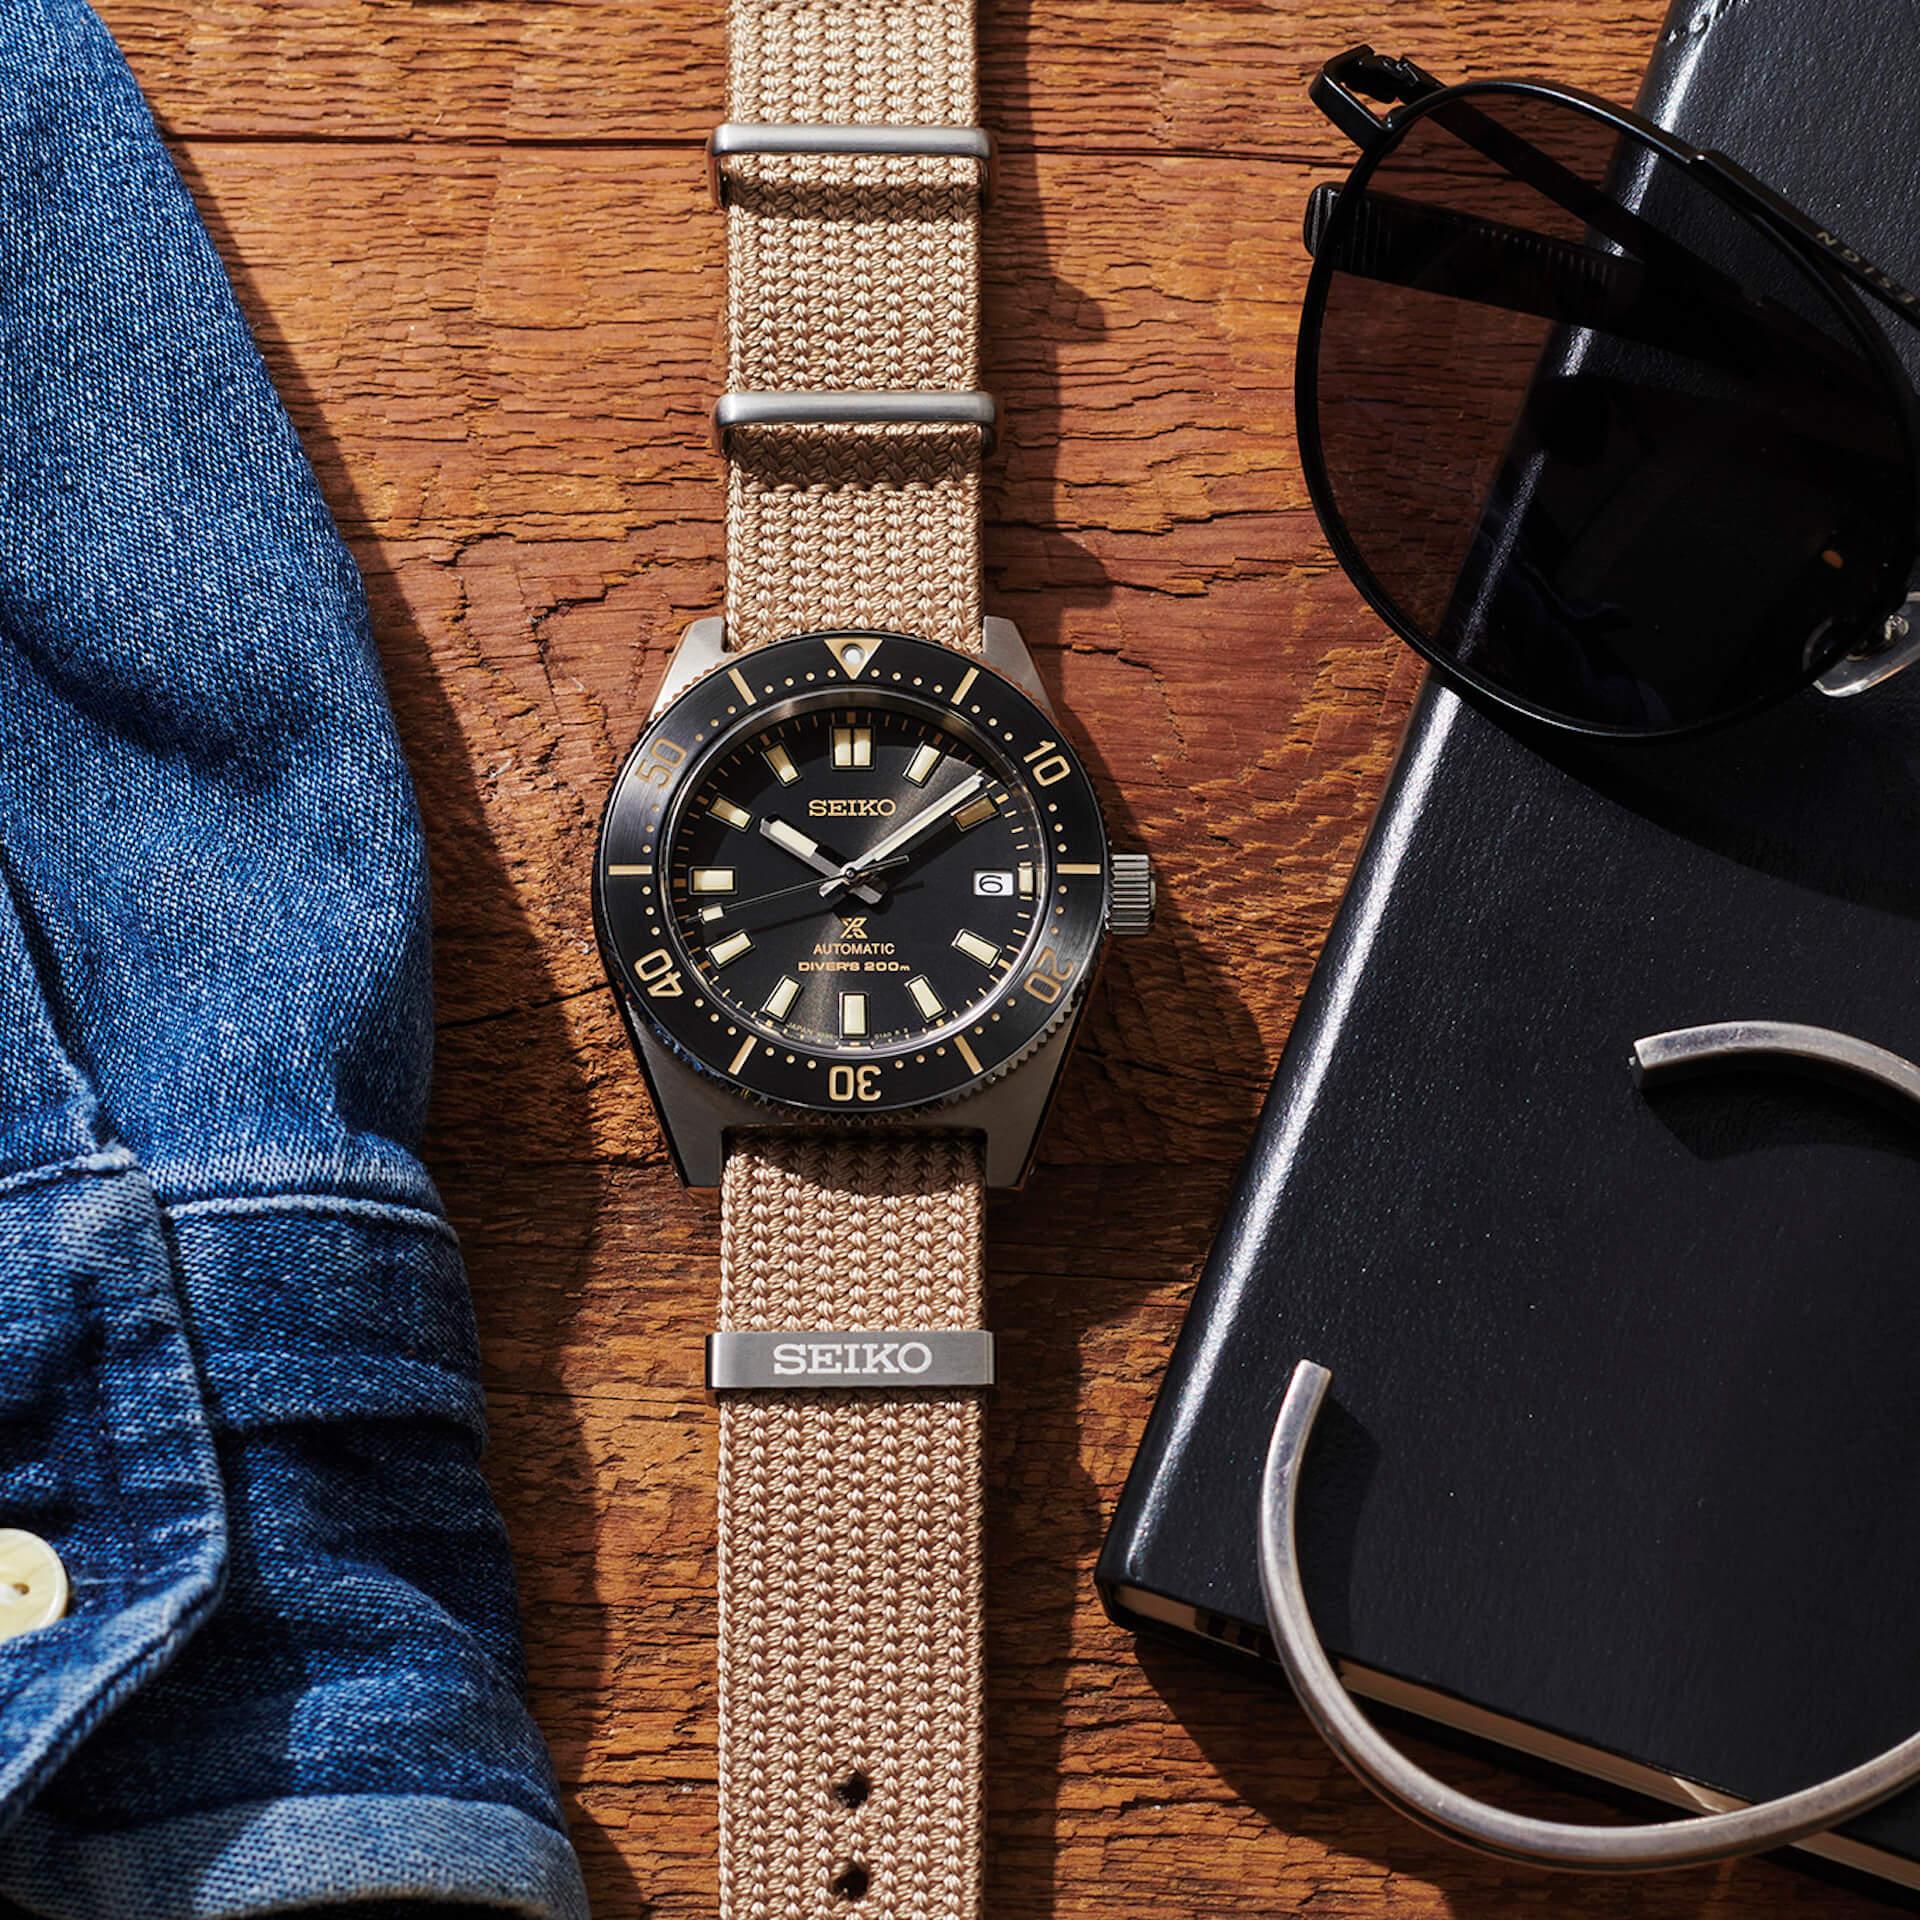 セイコーのダイバーズウォッチにファブリックストラップを採用した新モデル2機種が登場! tech210526_seiko_diverswatch_8